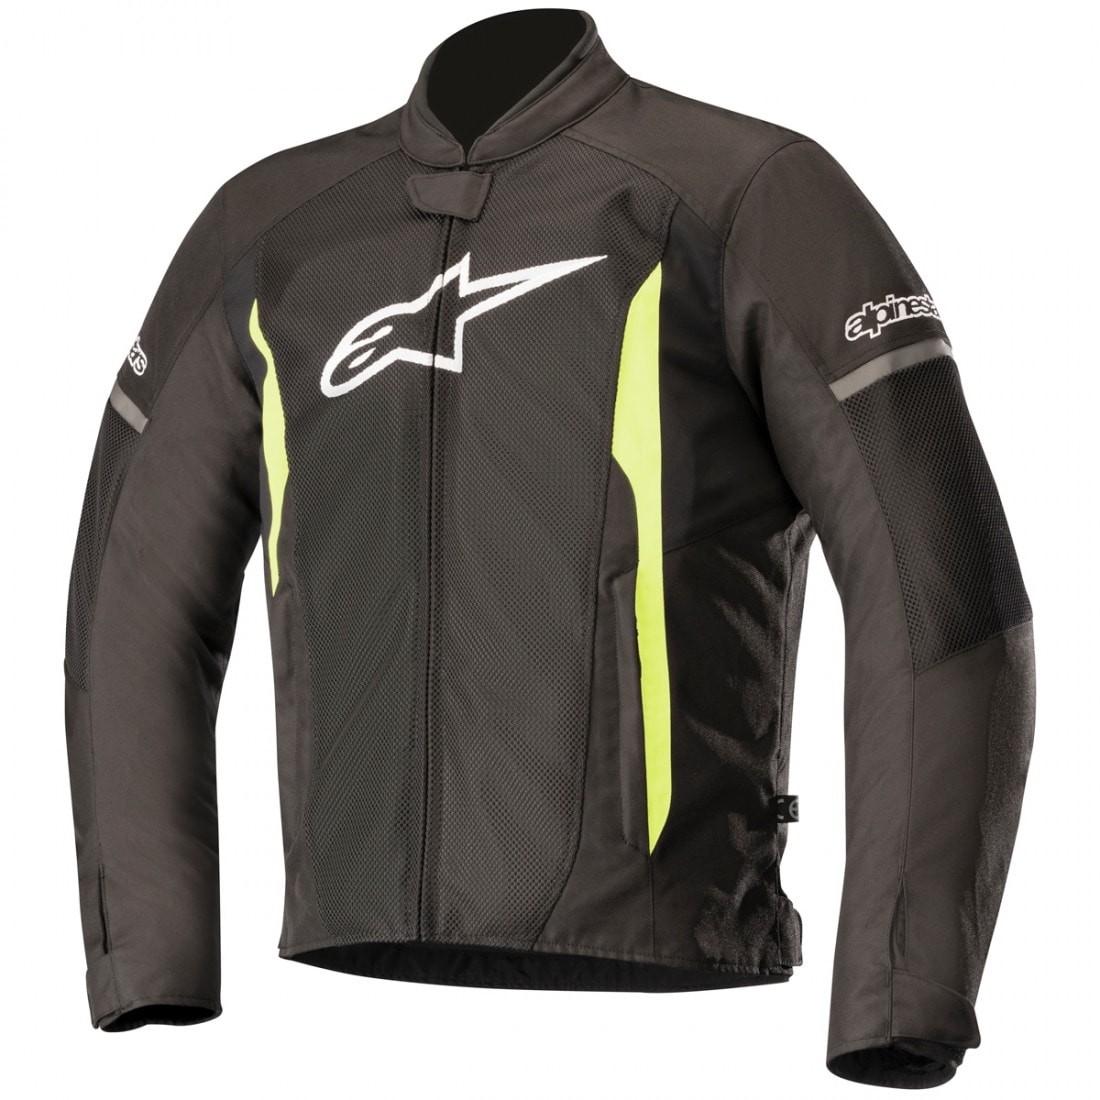 HOMBRE - Chaqueta Alpinestars T-Faster Air Jacket Negra Amarilla -